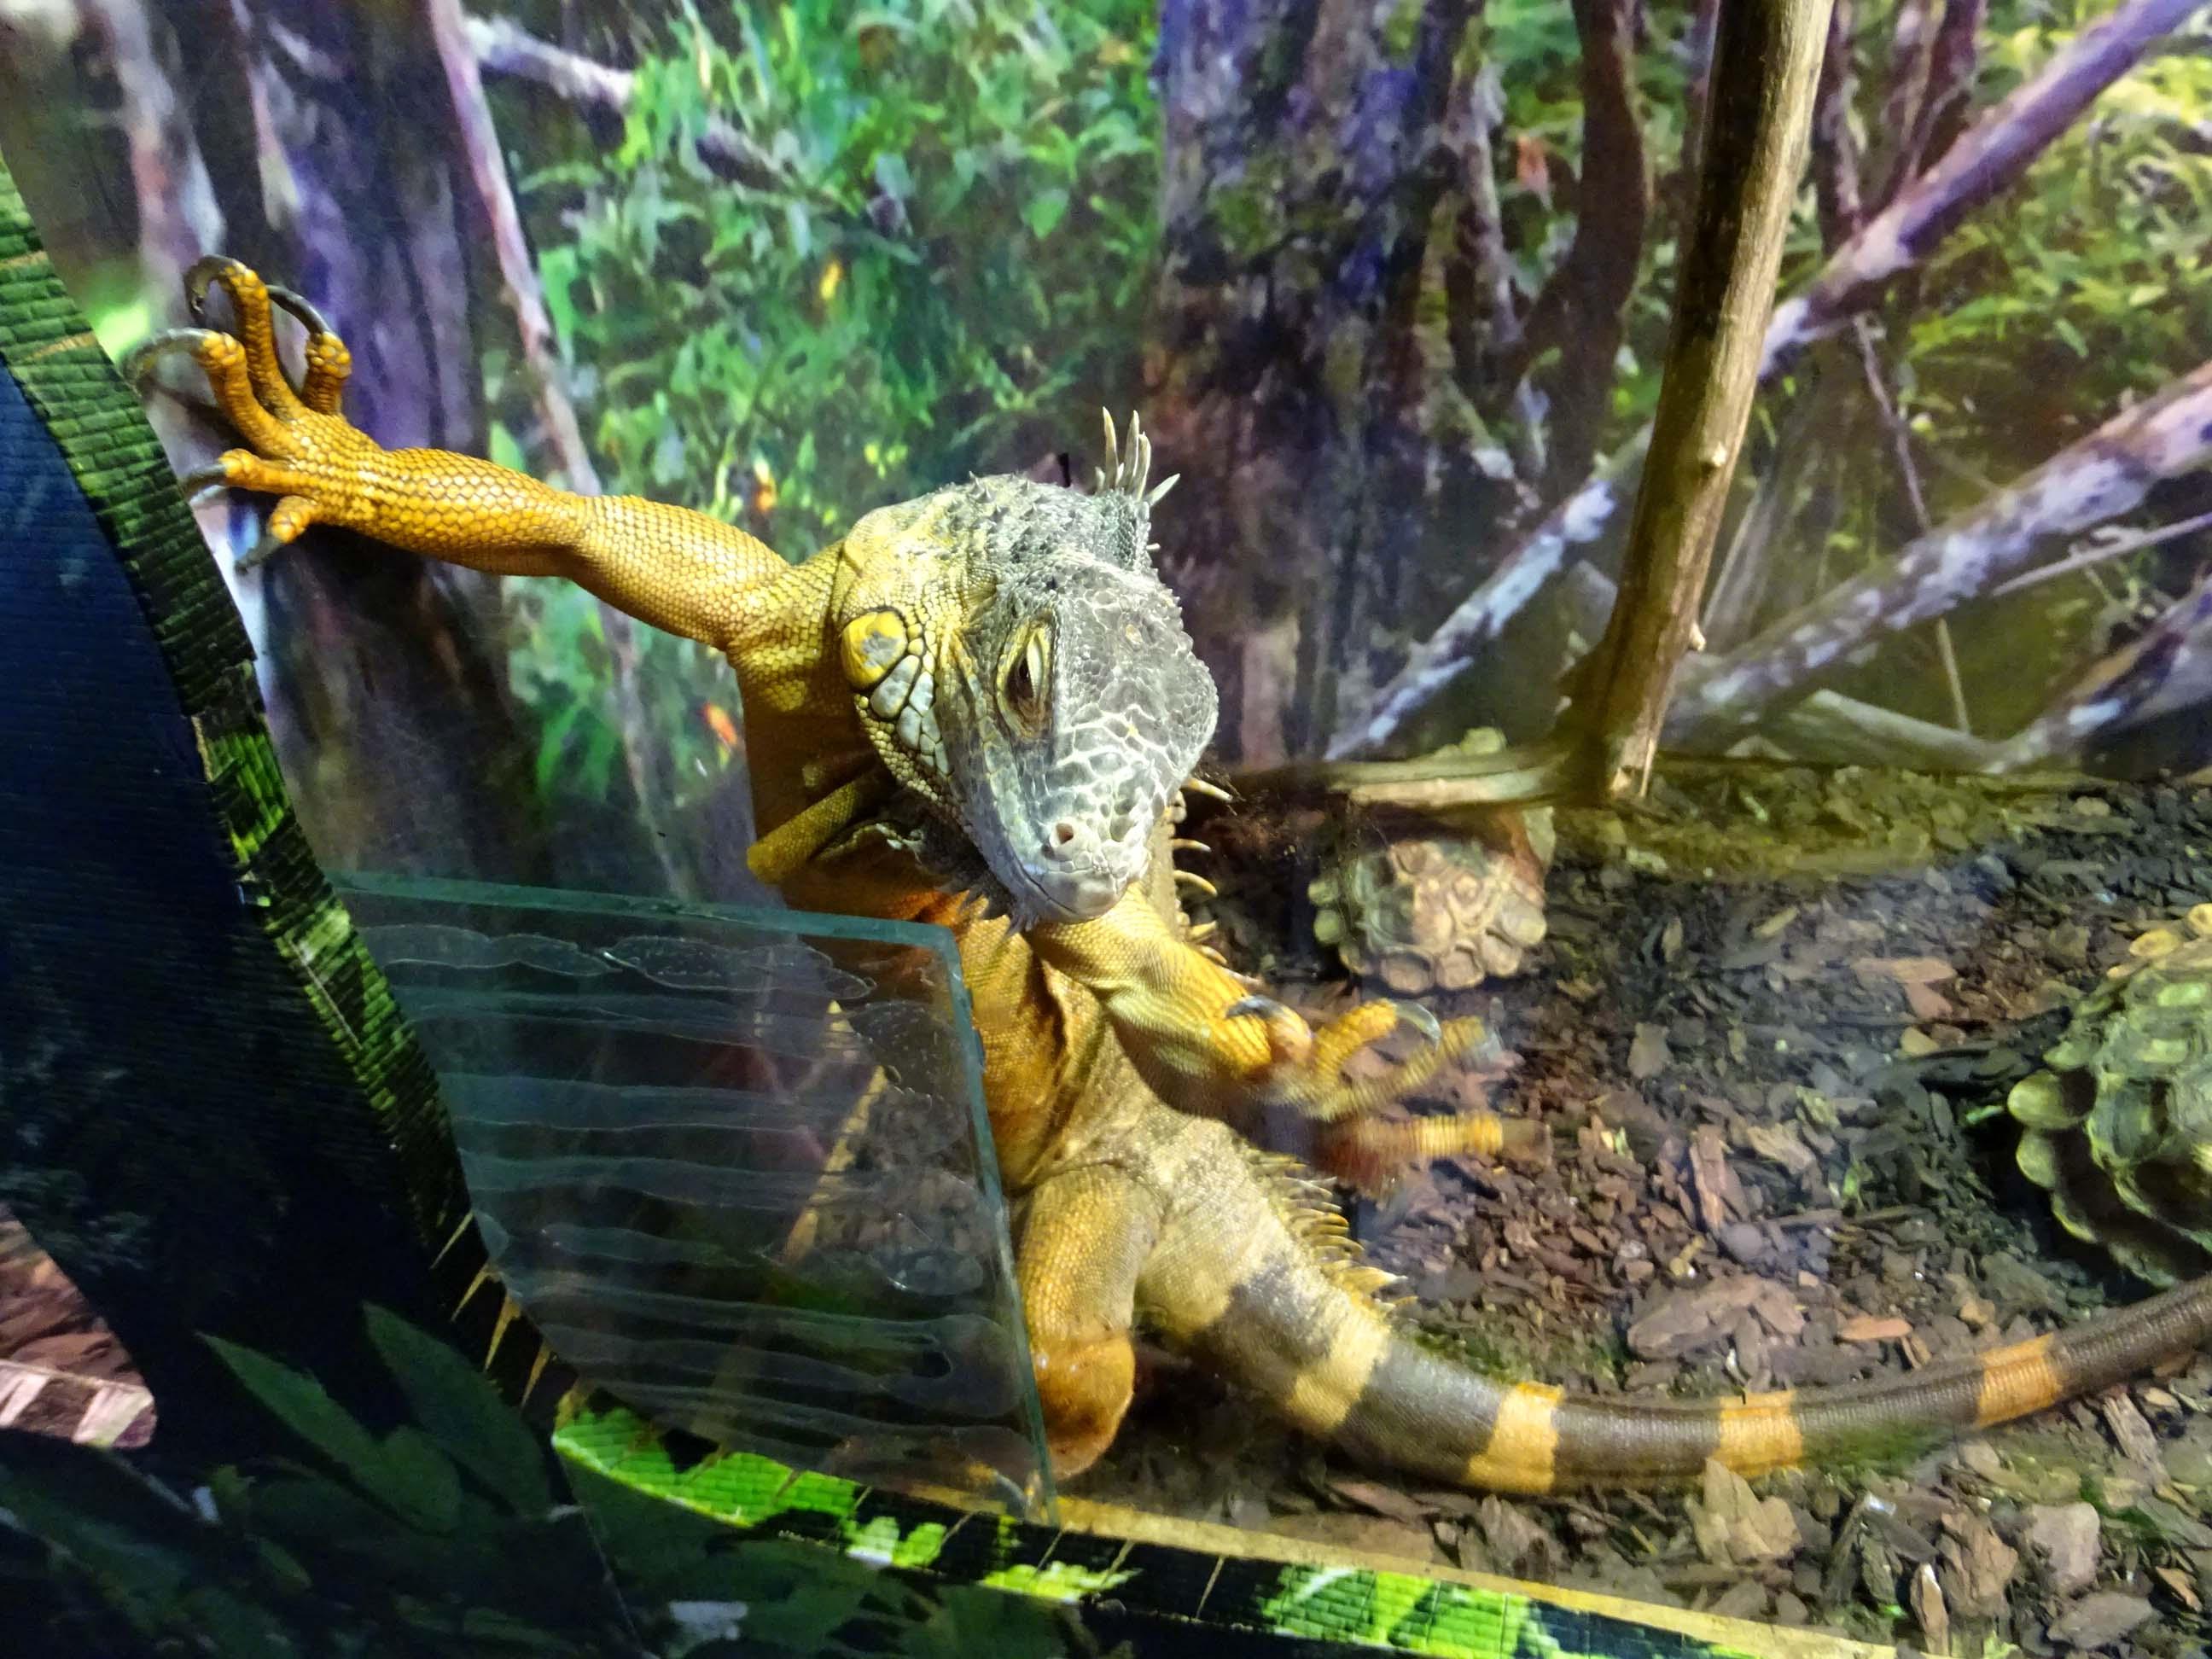 каких пресмыкающихся ты видел в зоопарке